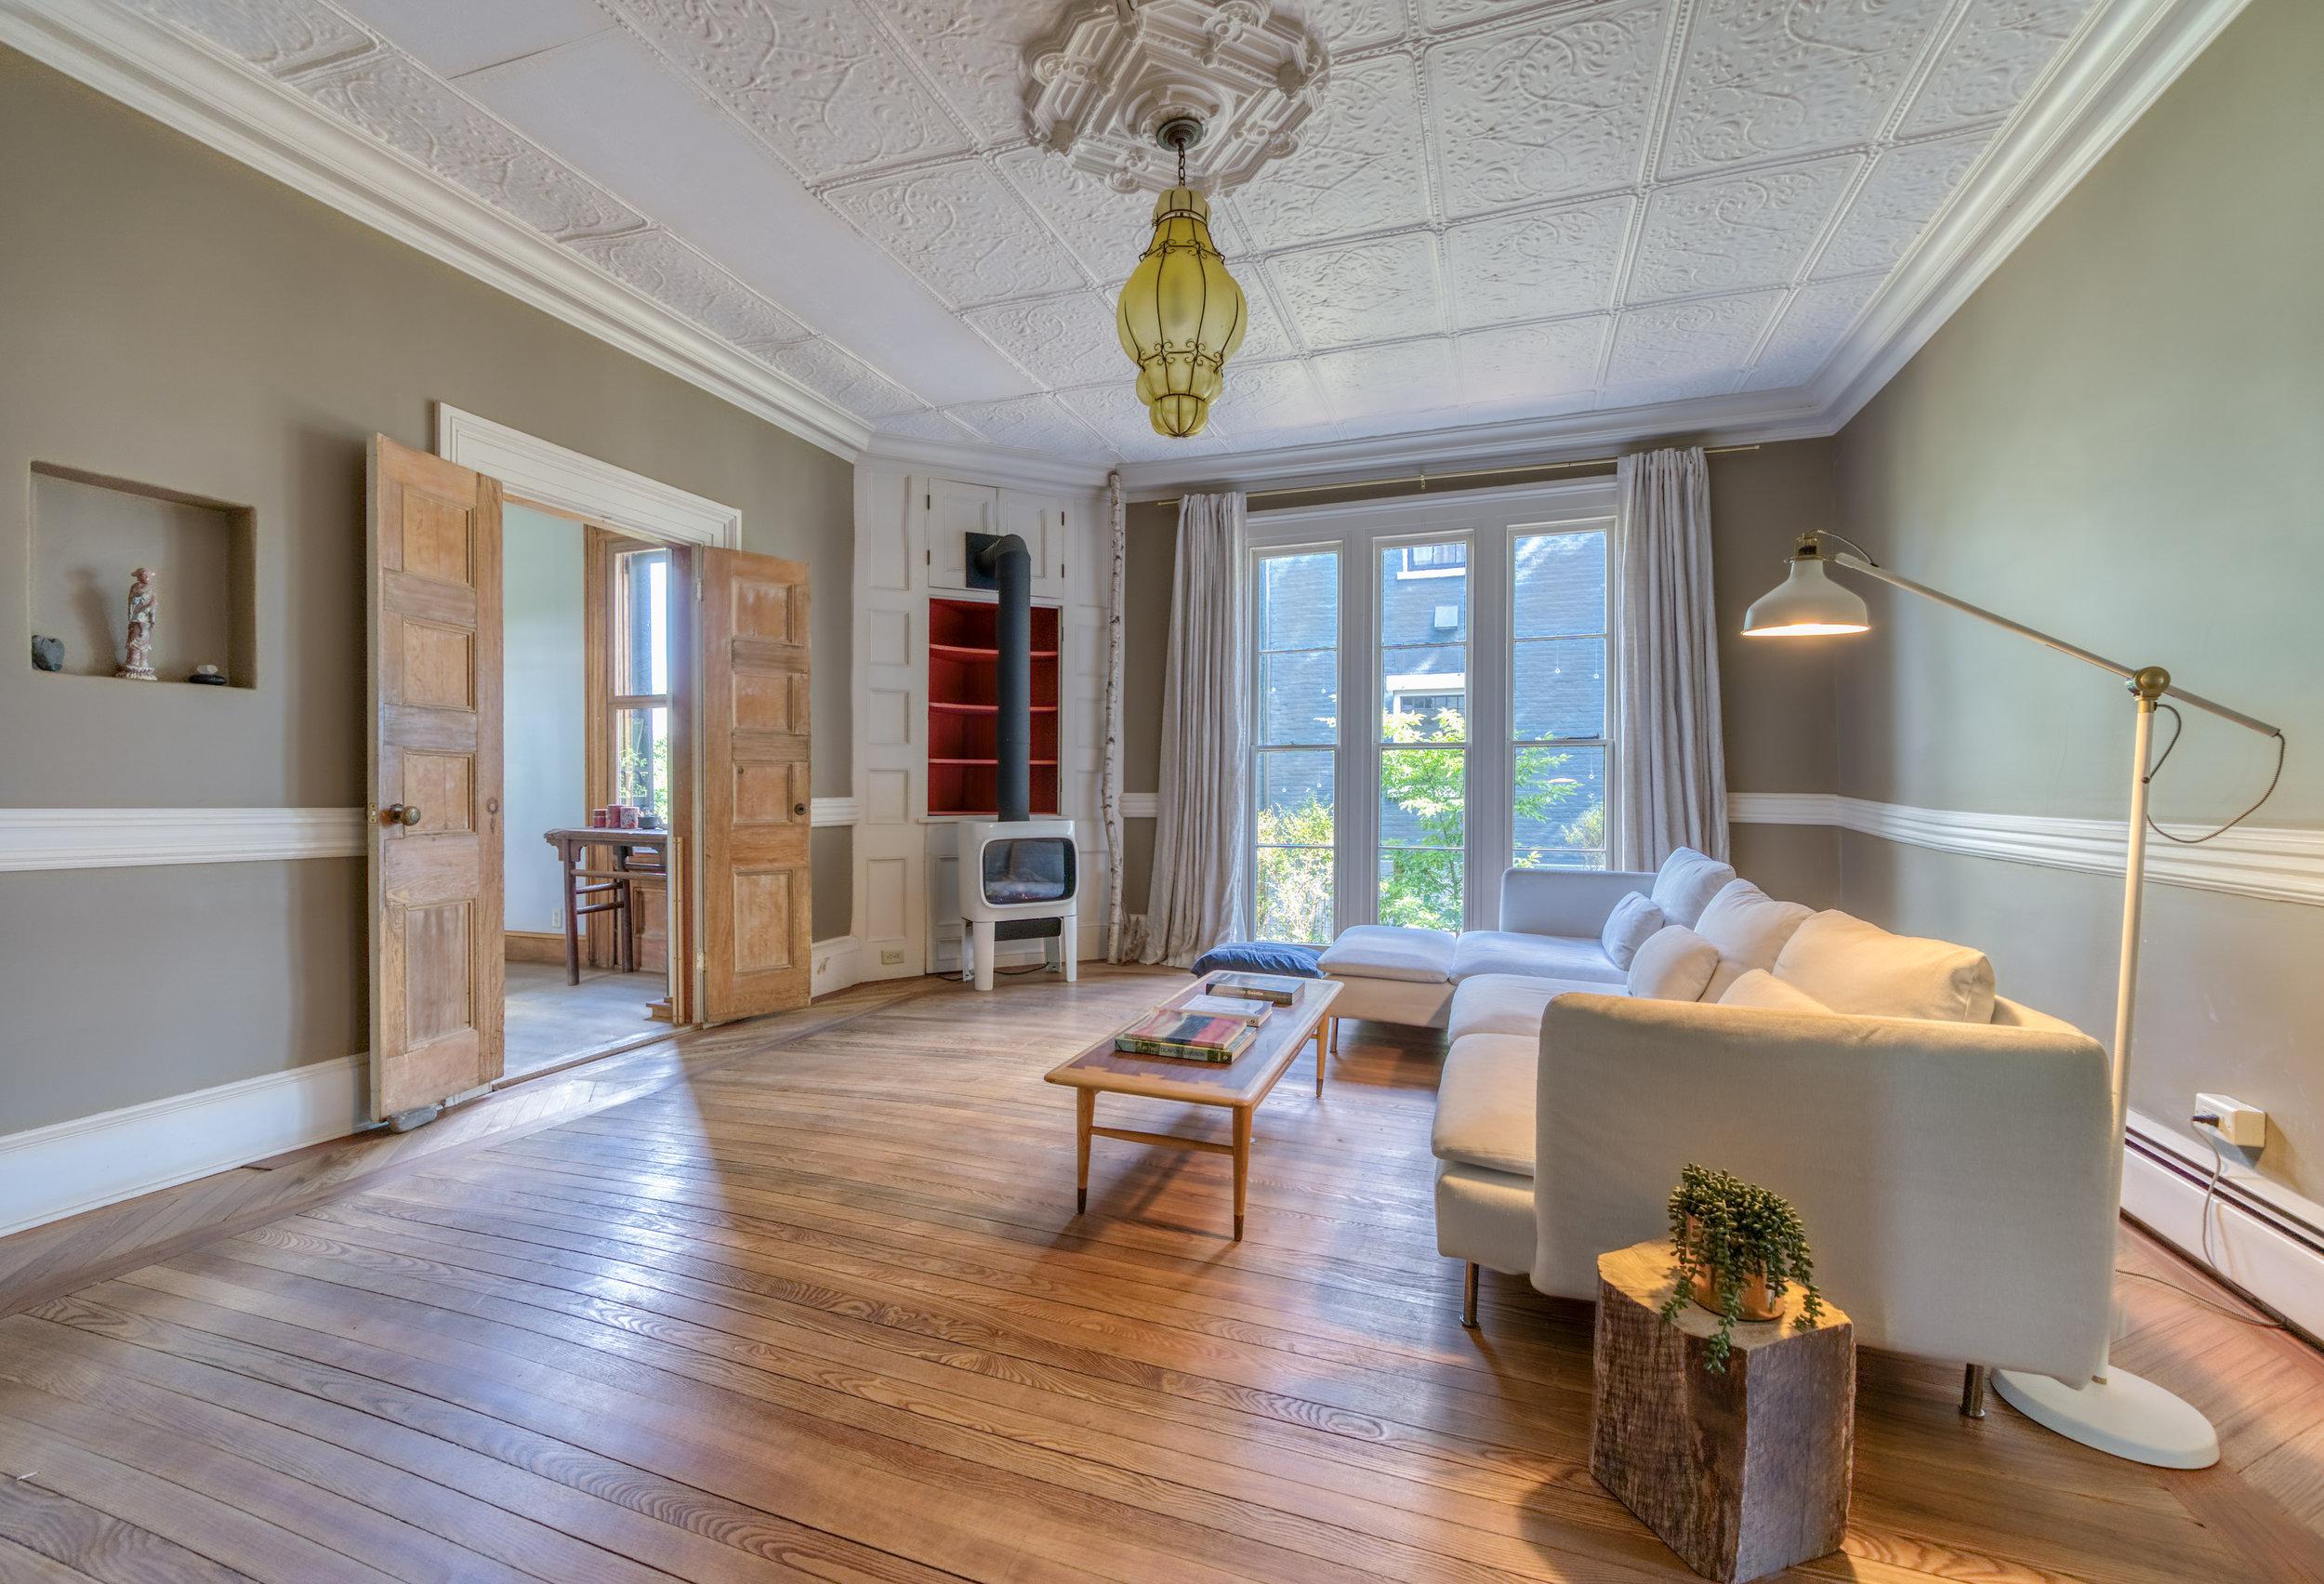 UptownKingston-Living-Room.jpg